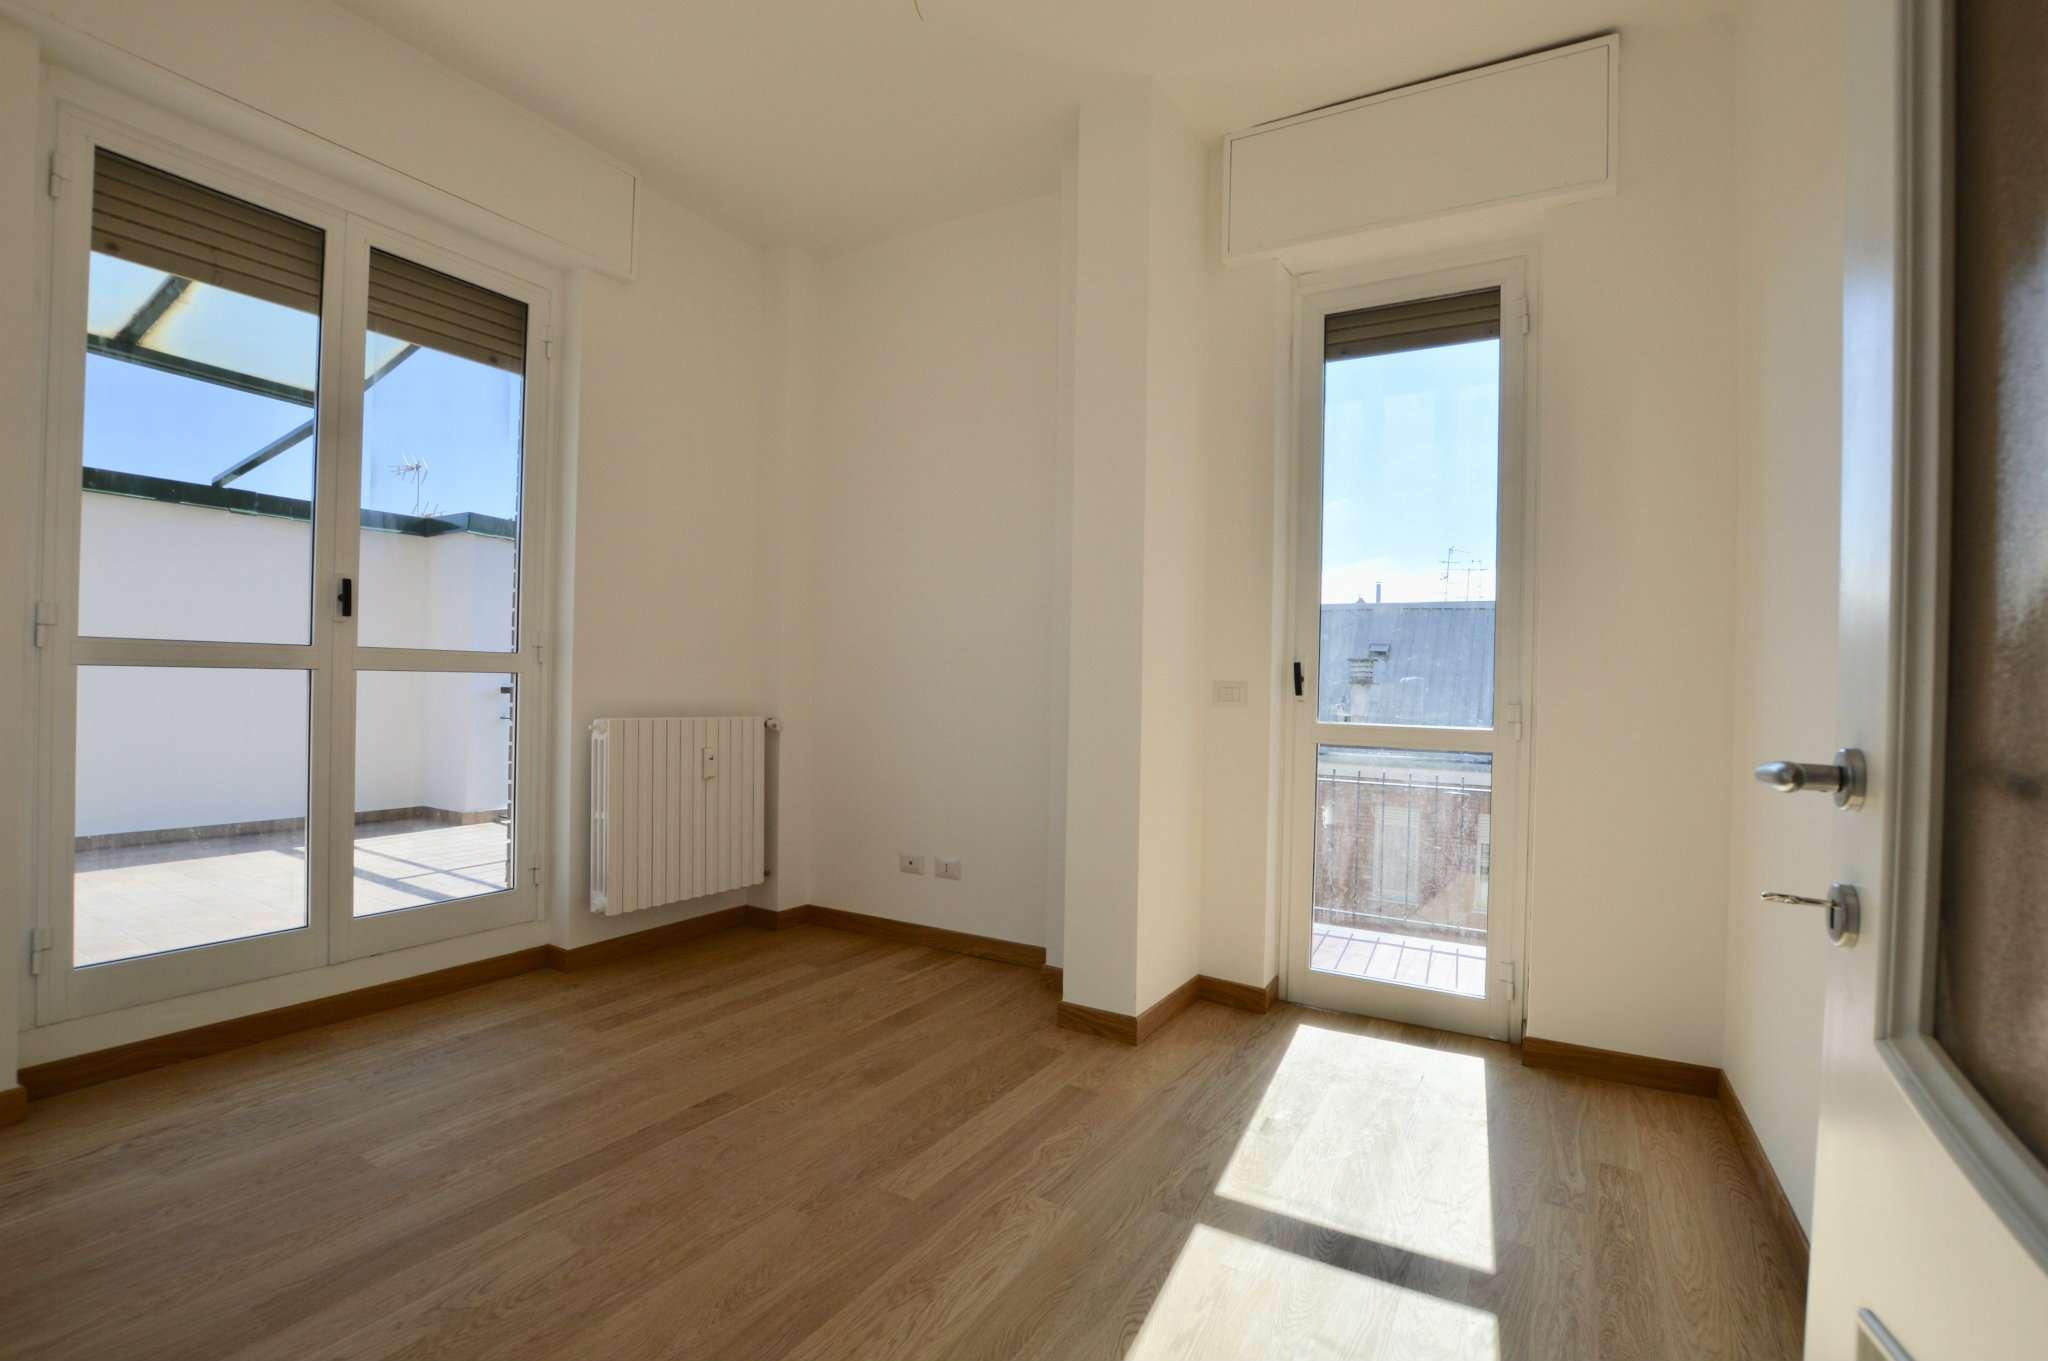 Appartamento in Vendita a Milano 20 Bicocca / Crescenzago / Cimiano:  3 locali, 118 mq  - Foto 1